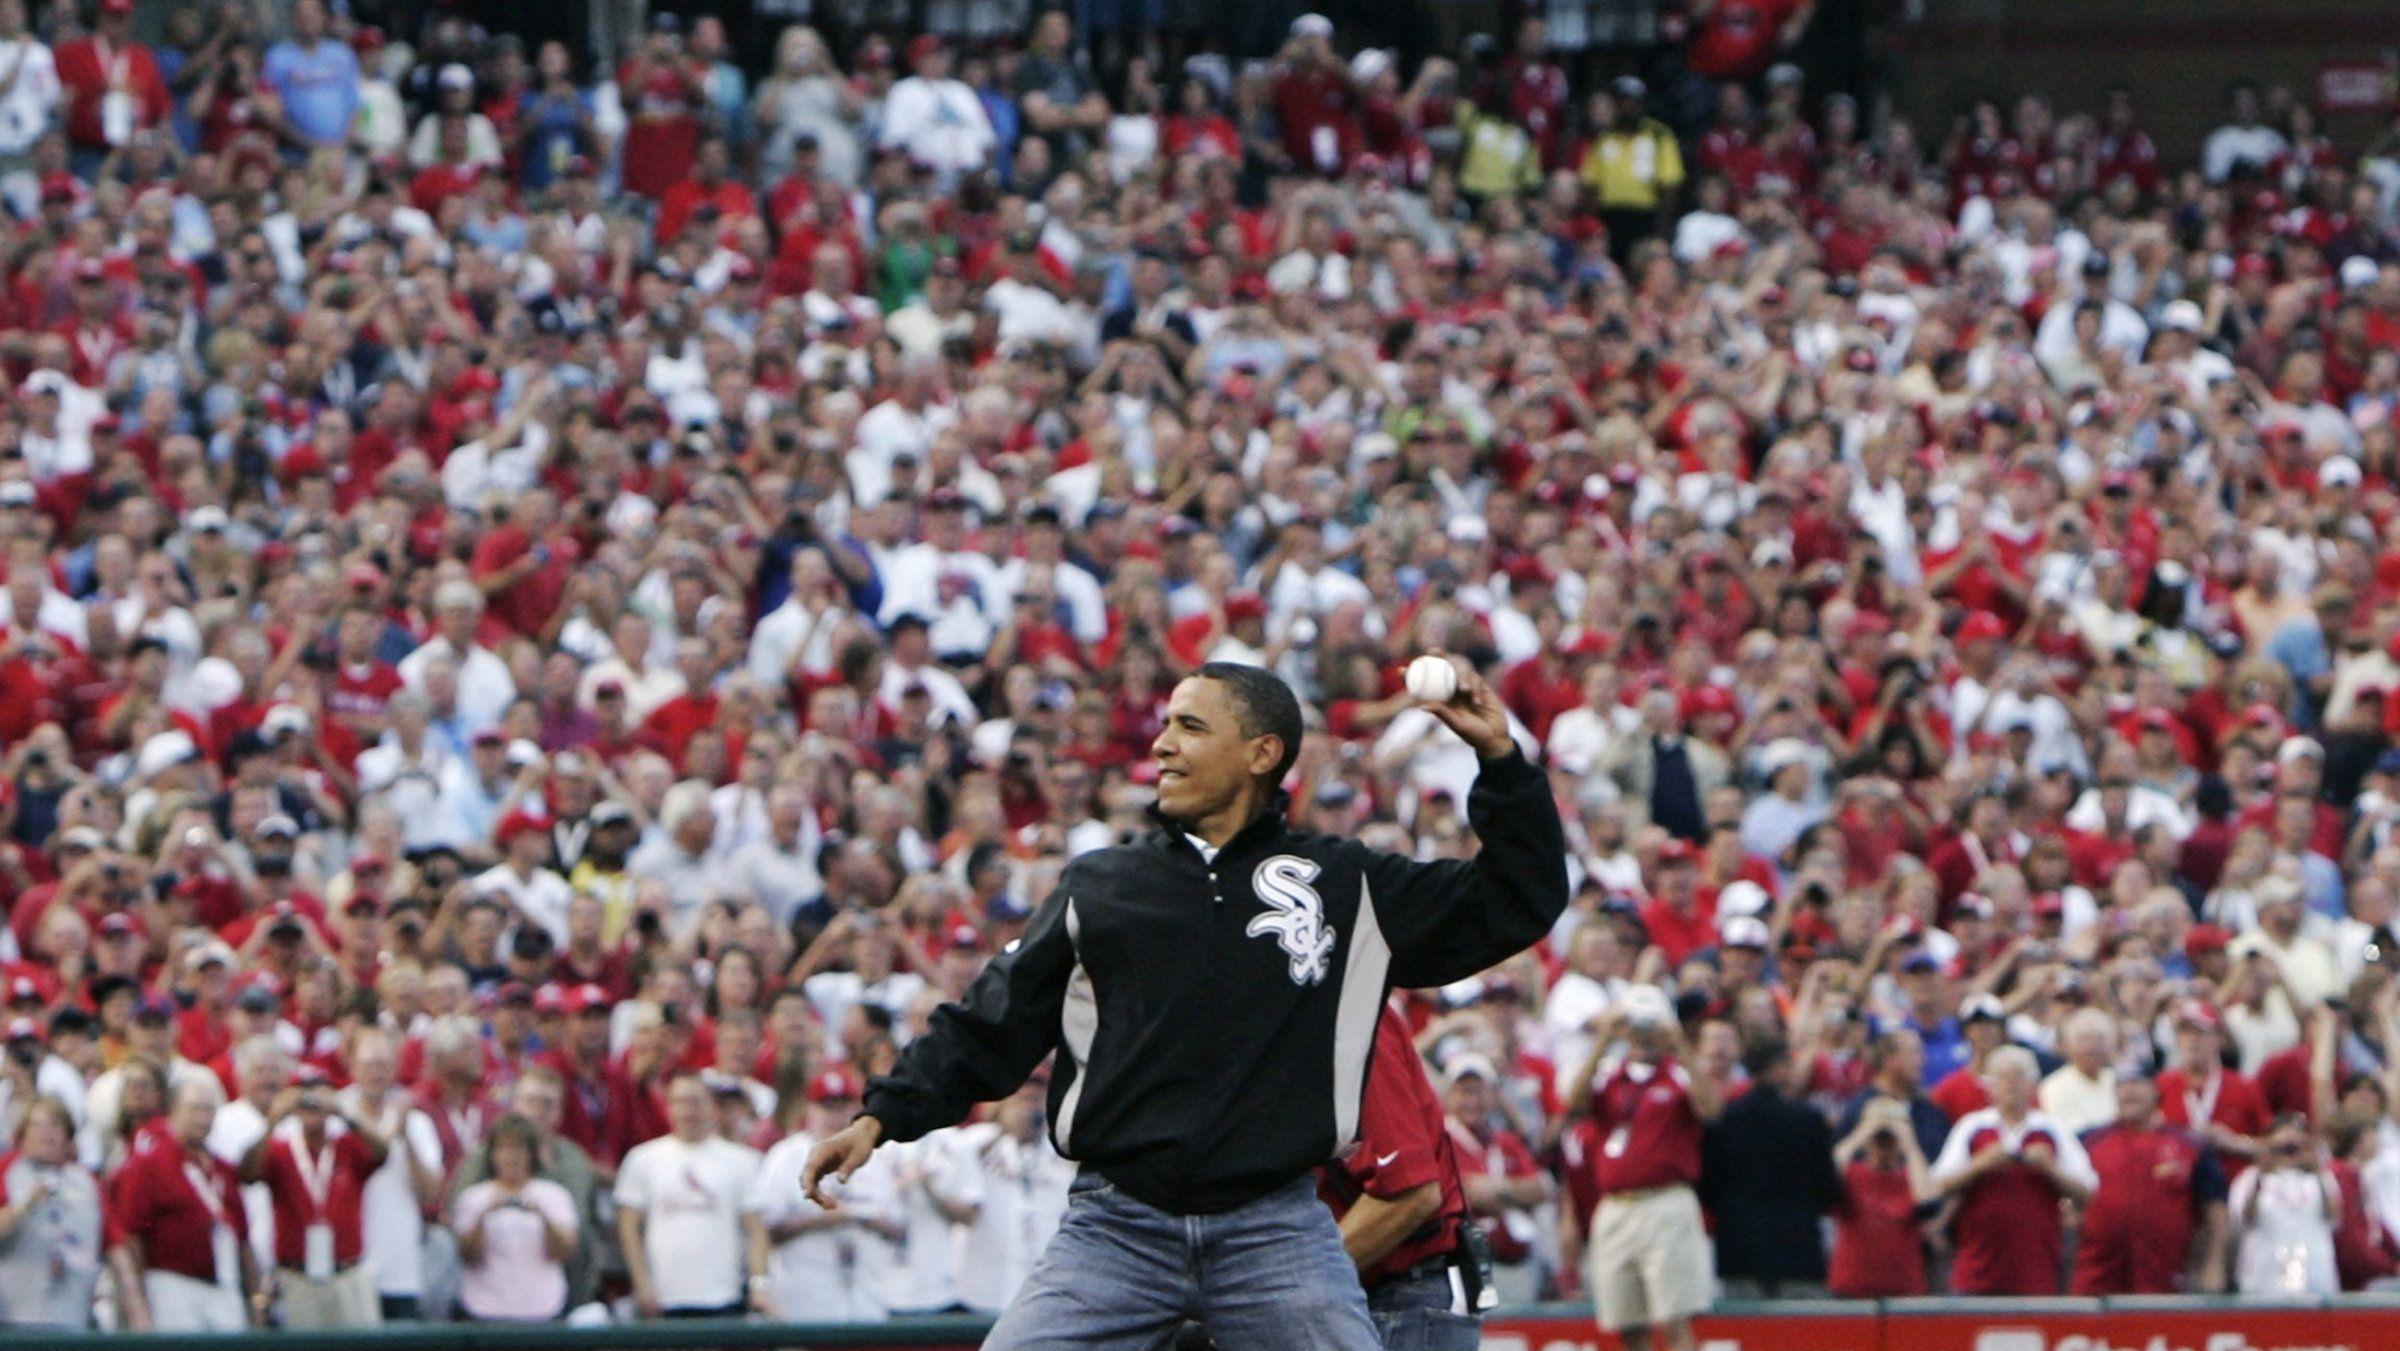 Obama-MLBAM-BAM-Net-Neutrality